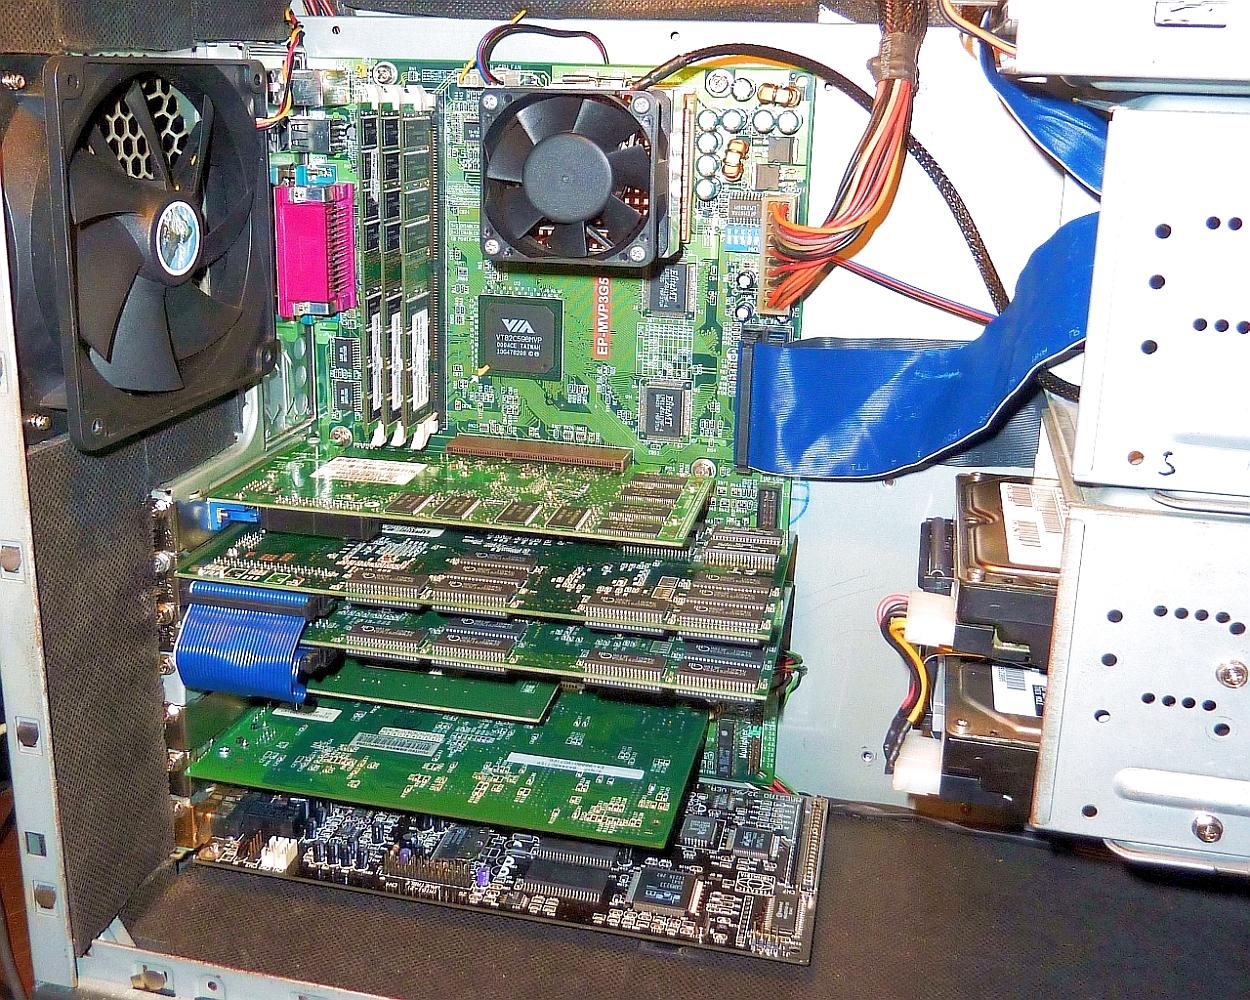 SS7 MVP3G5 - K6 III+ - 3x 256MB Inf. CL2 - V770U - 2x V2 12MB - Maestro 3296 1000h.jpg